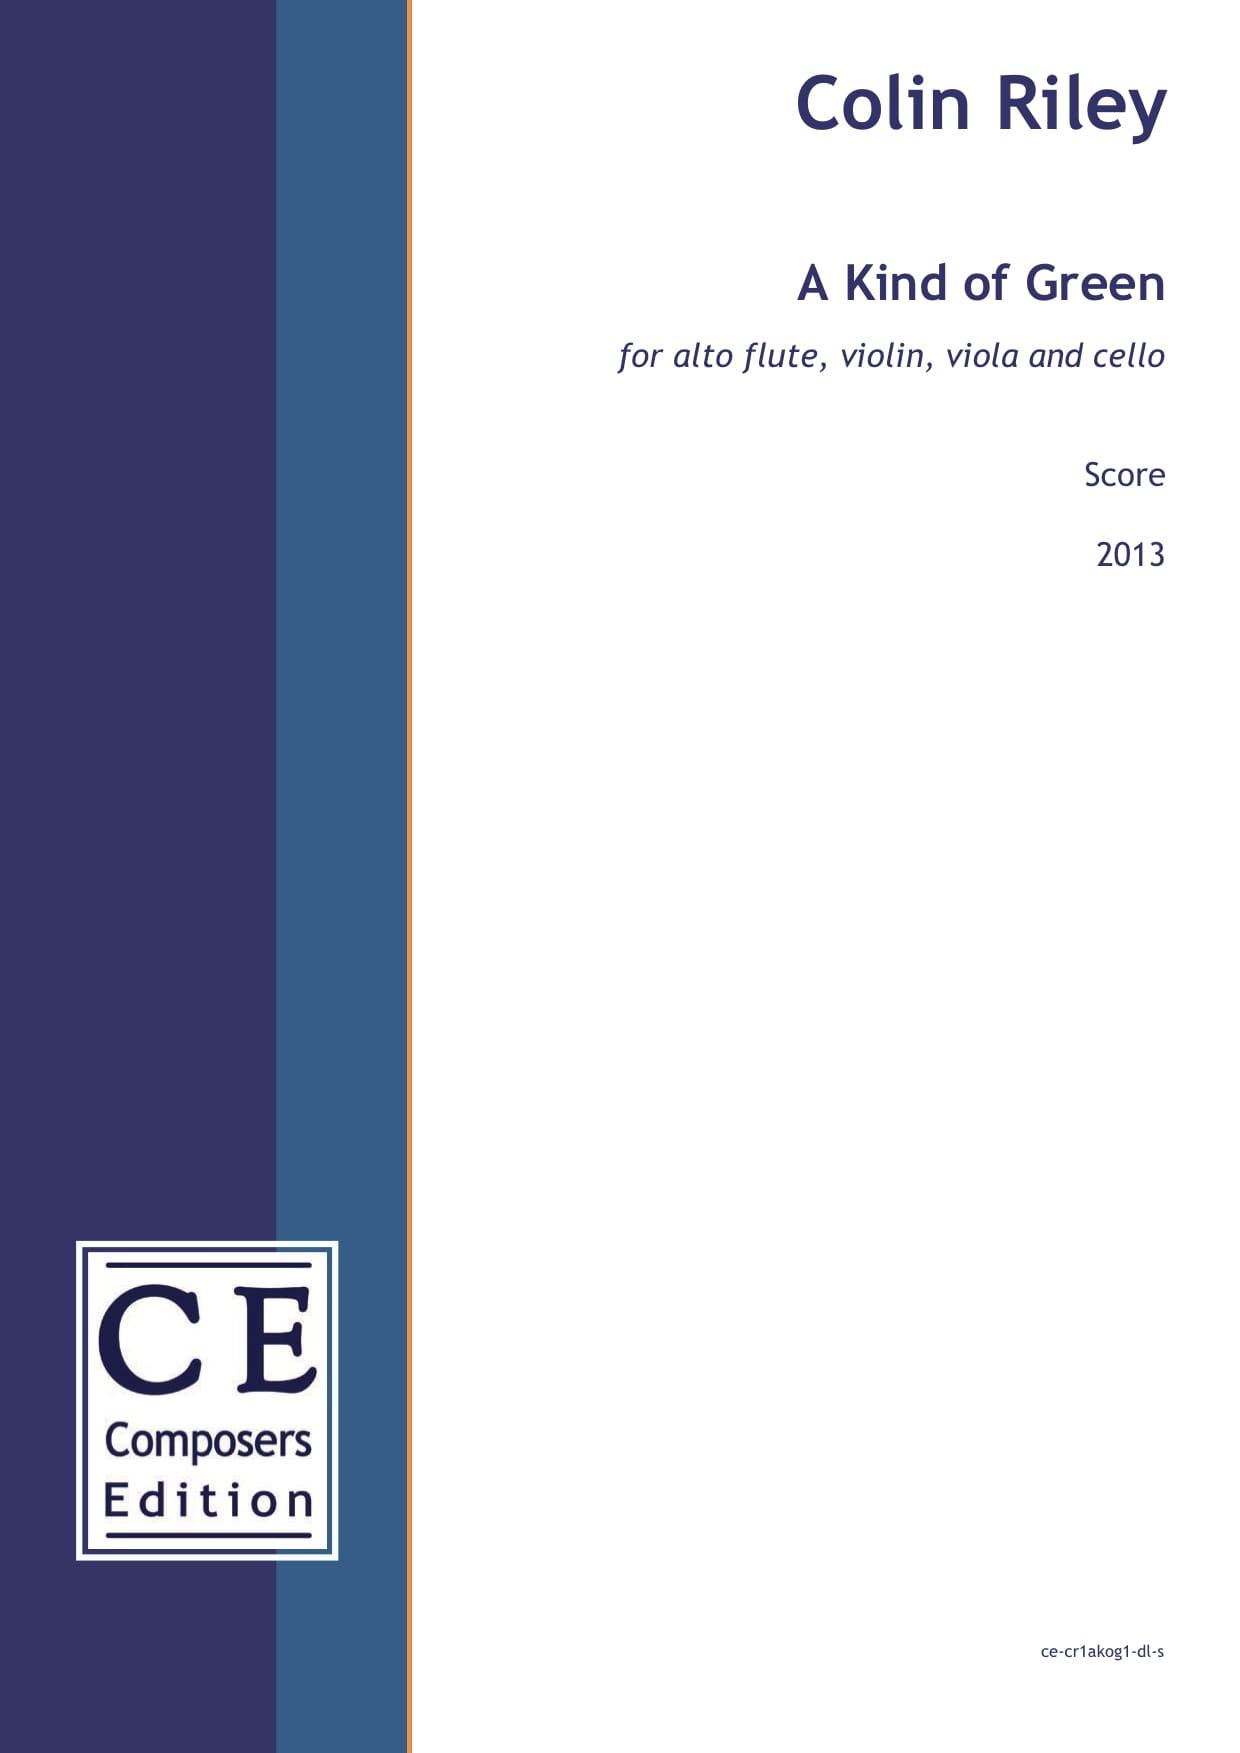 Colin Riley: A Kind of Green for alto flute, violin, viola and cello